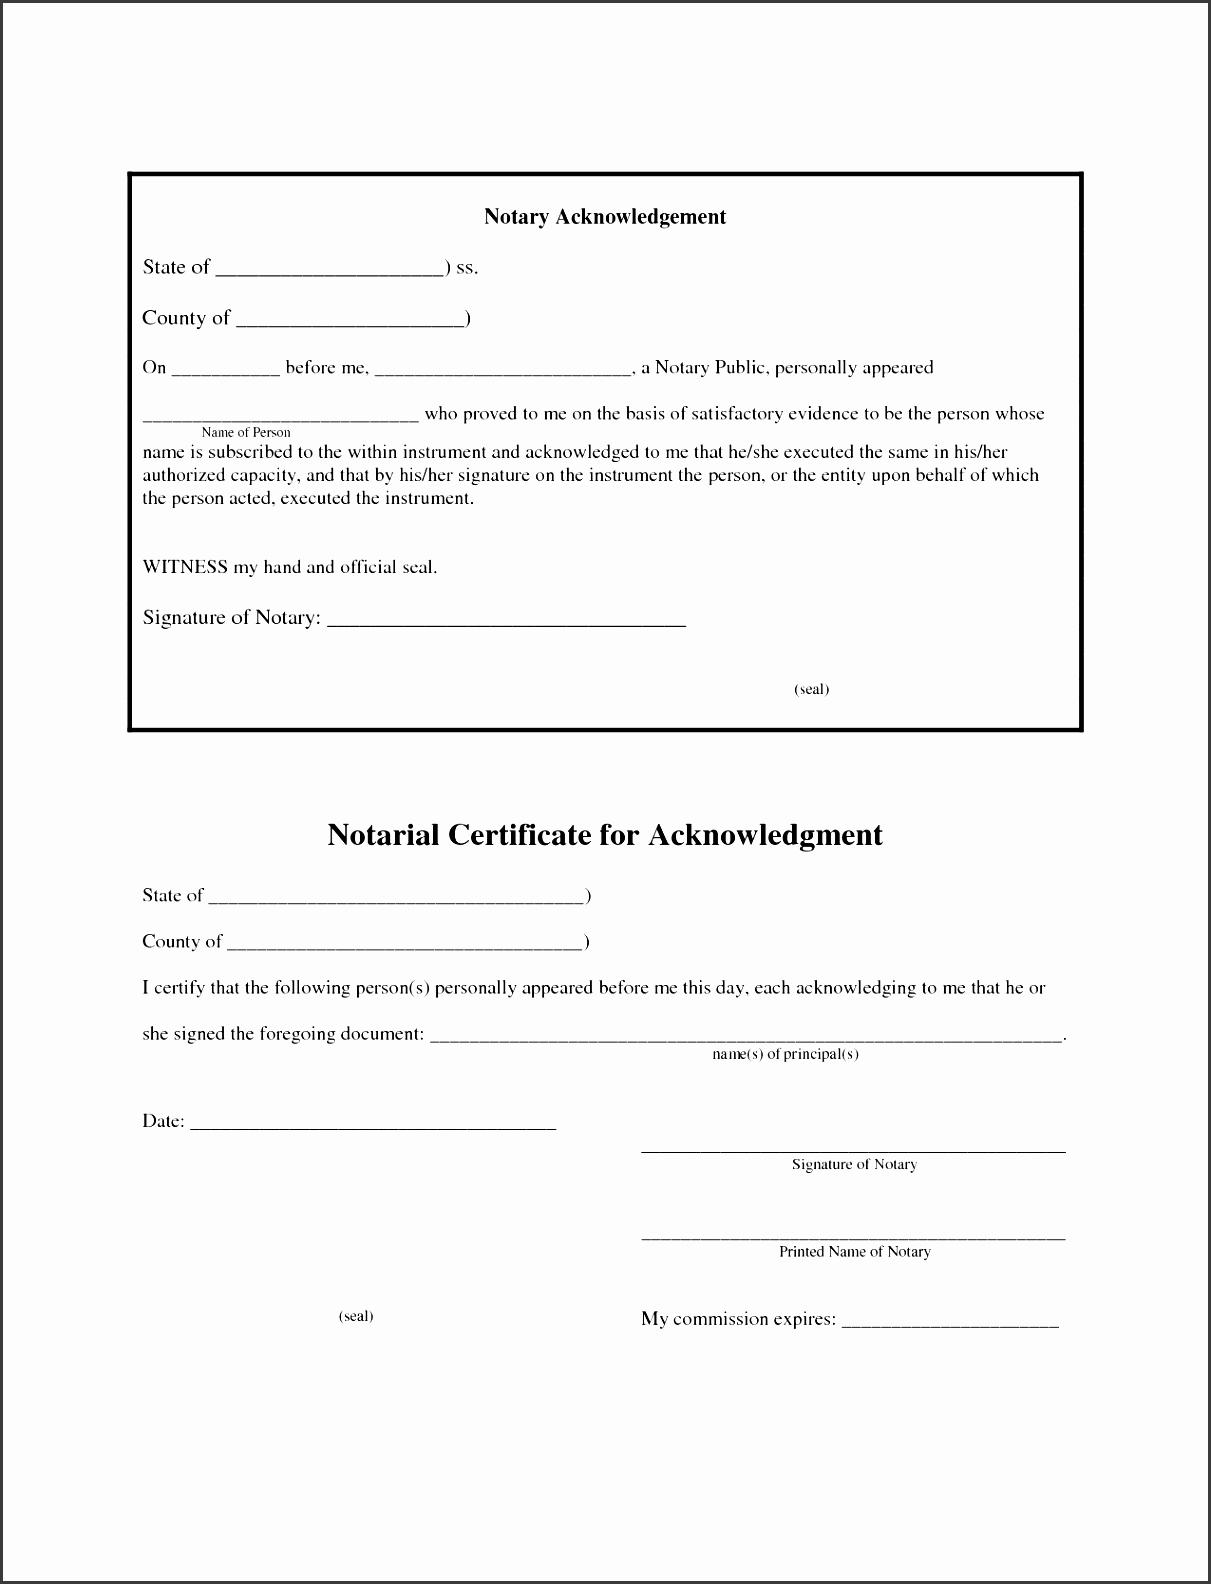 affidavit form sample ms word obrvl